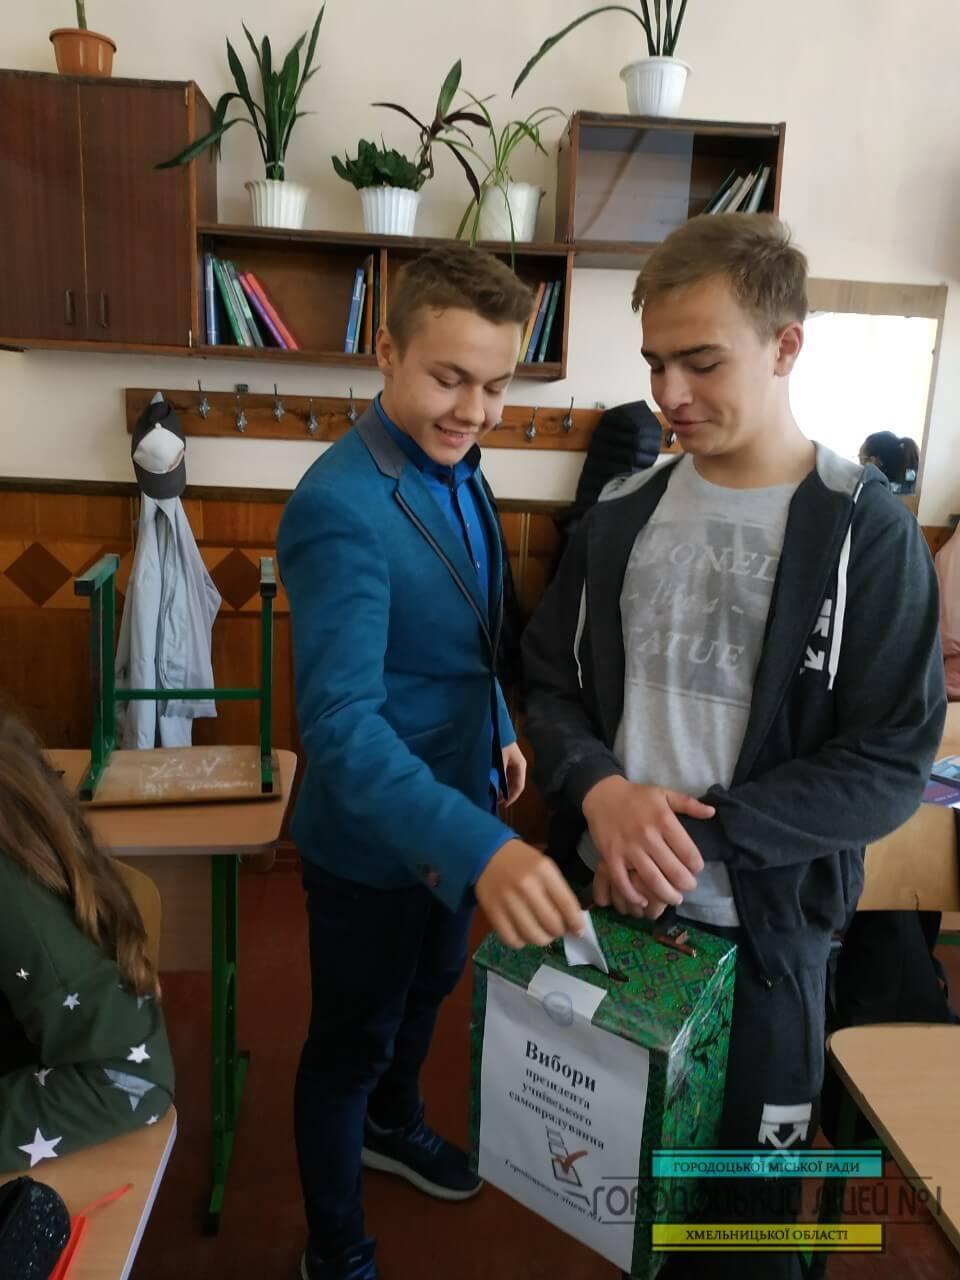 zobrazhennya viber 2019 09 25 16 11 161 - Вибори президента учнівського самоврядування